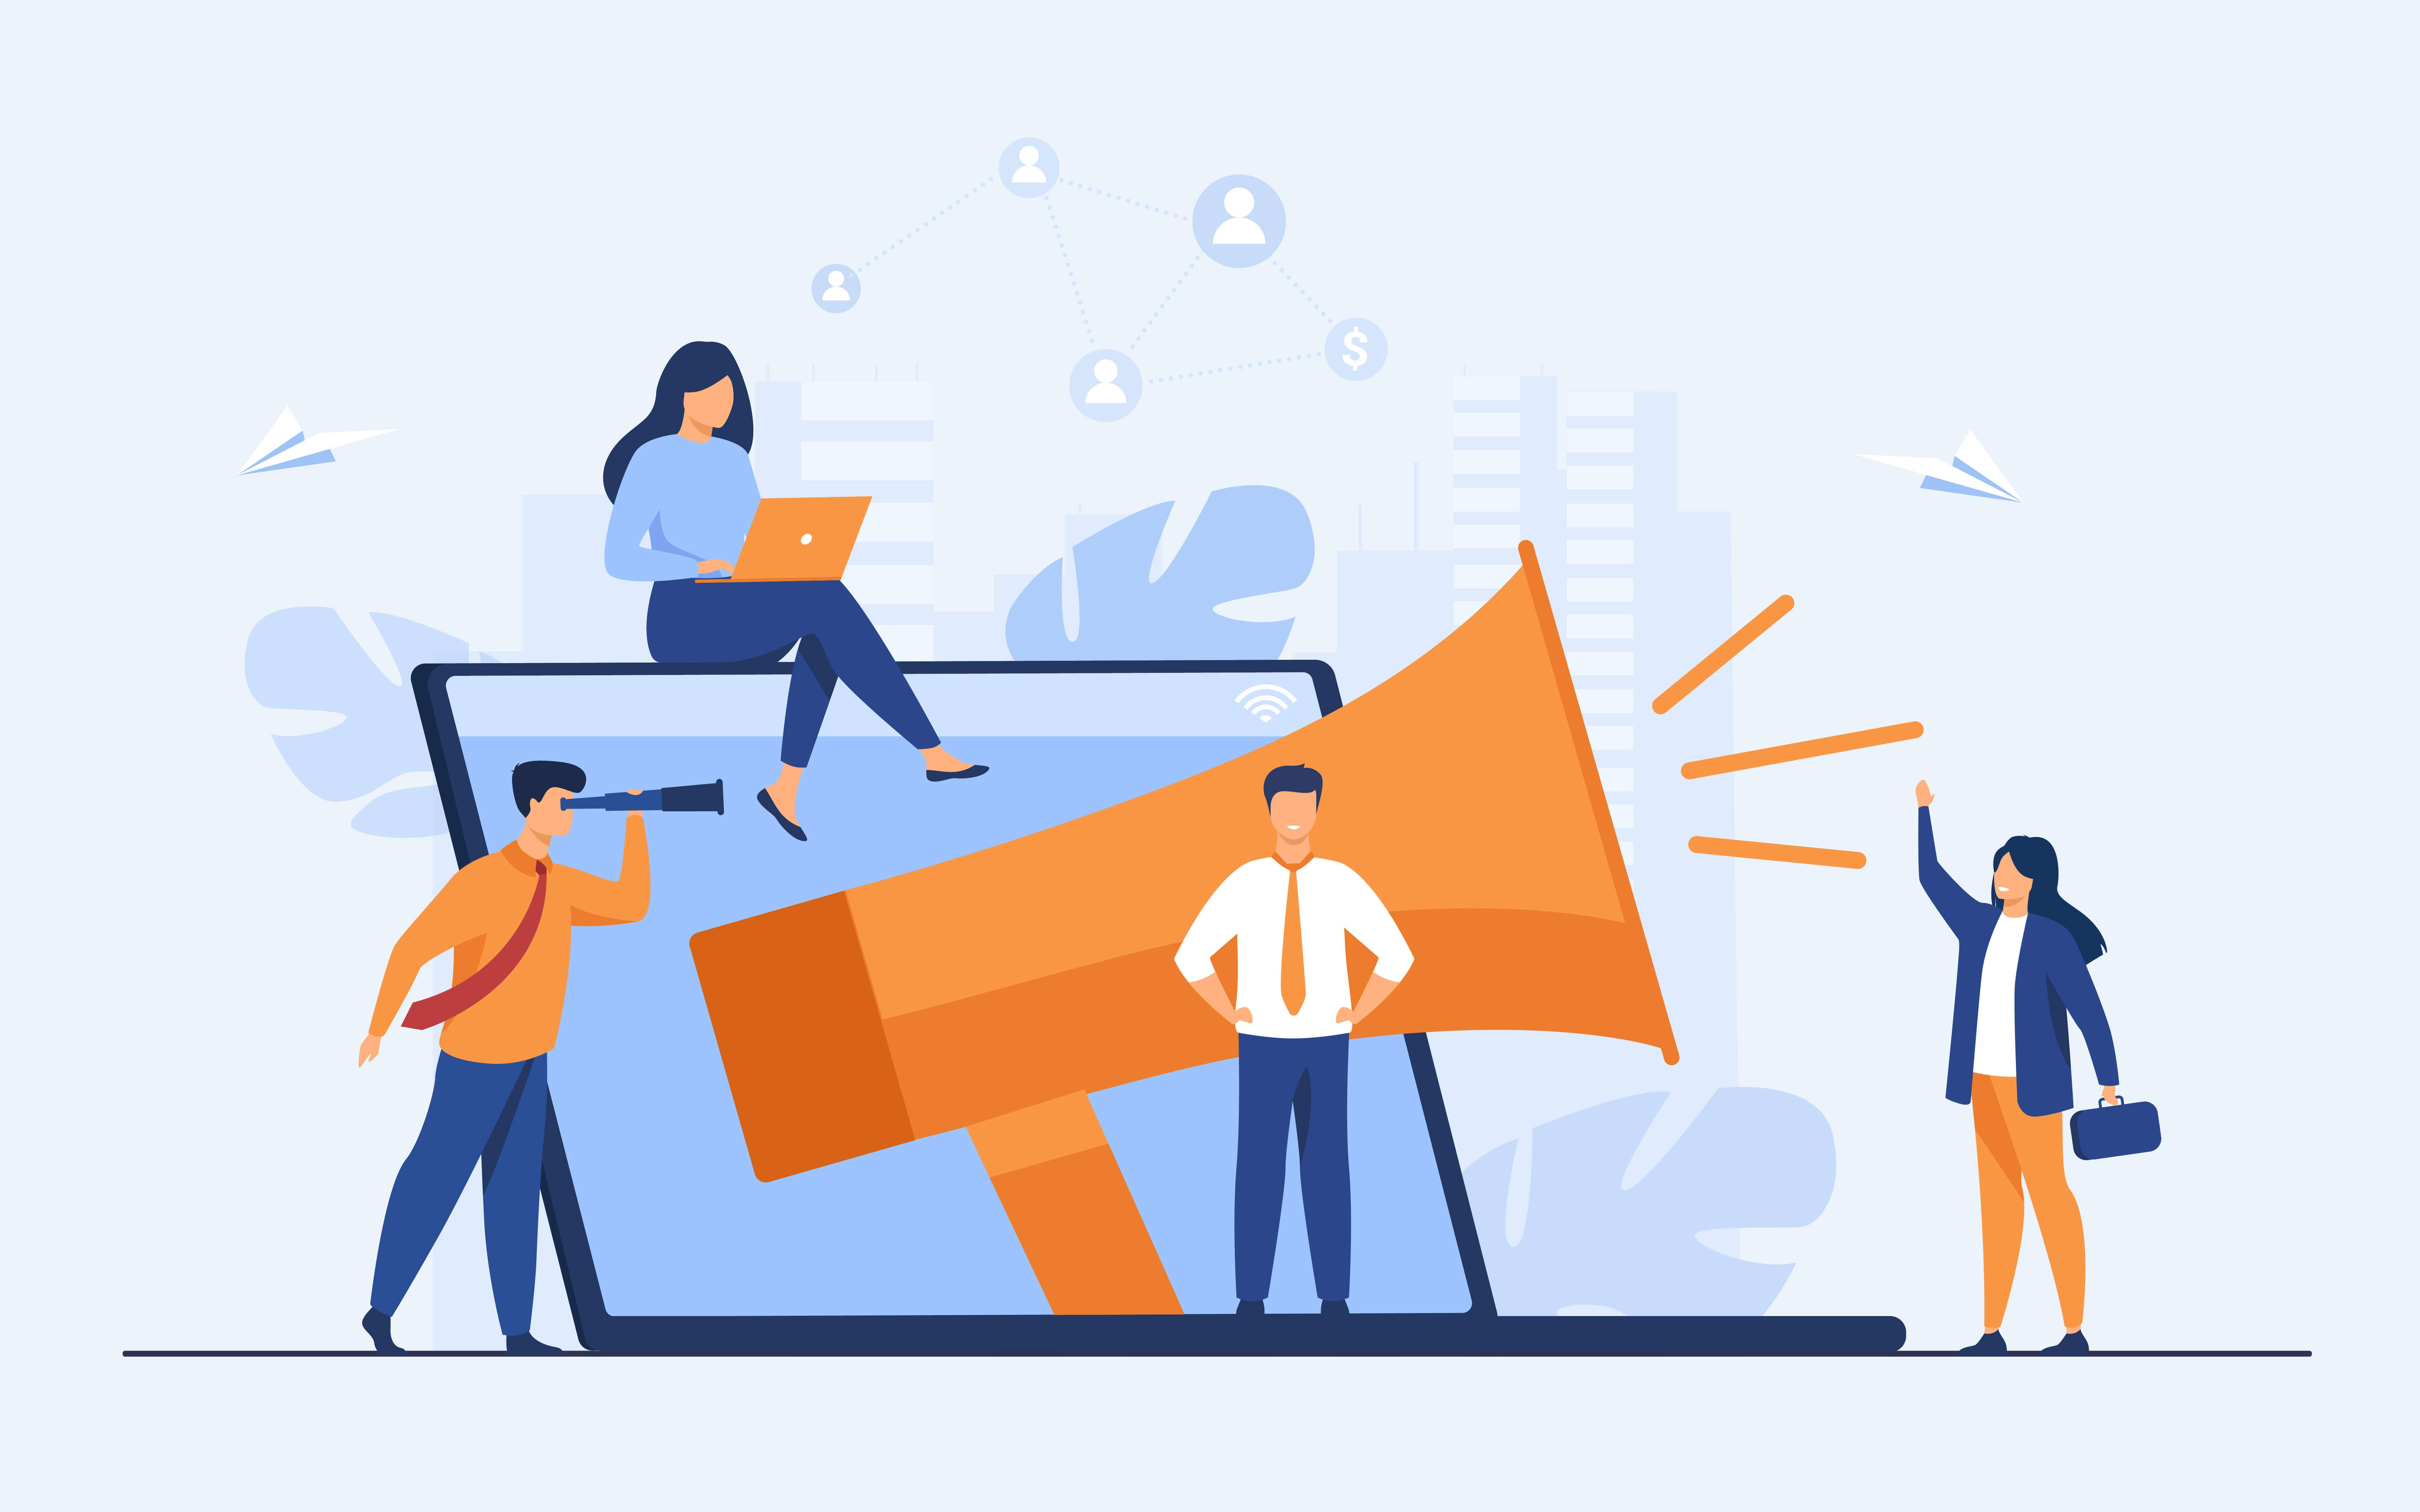 ¿Tu empresa tiene una efectiva comunicación interna